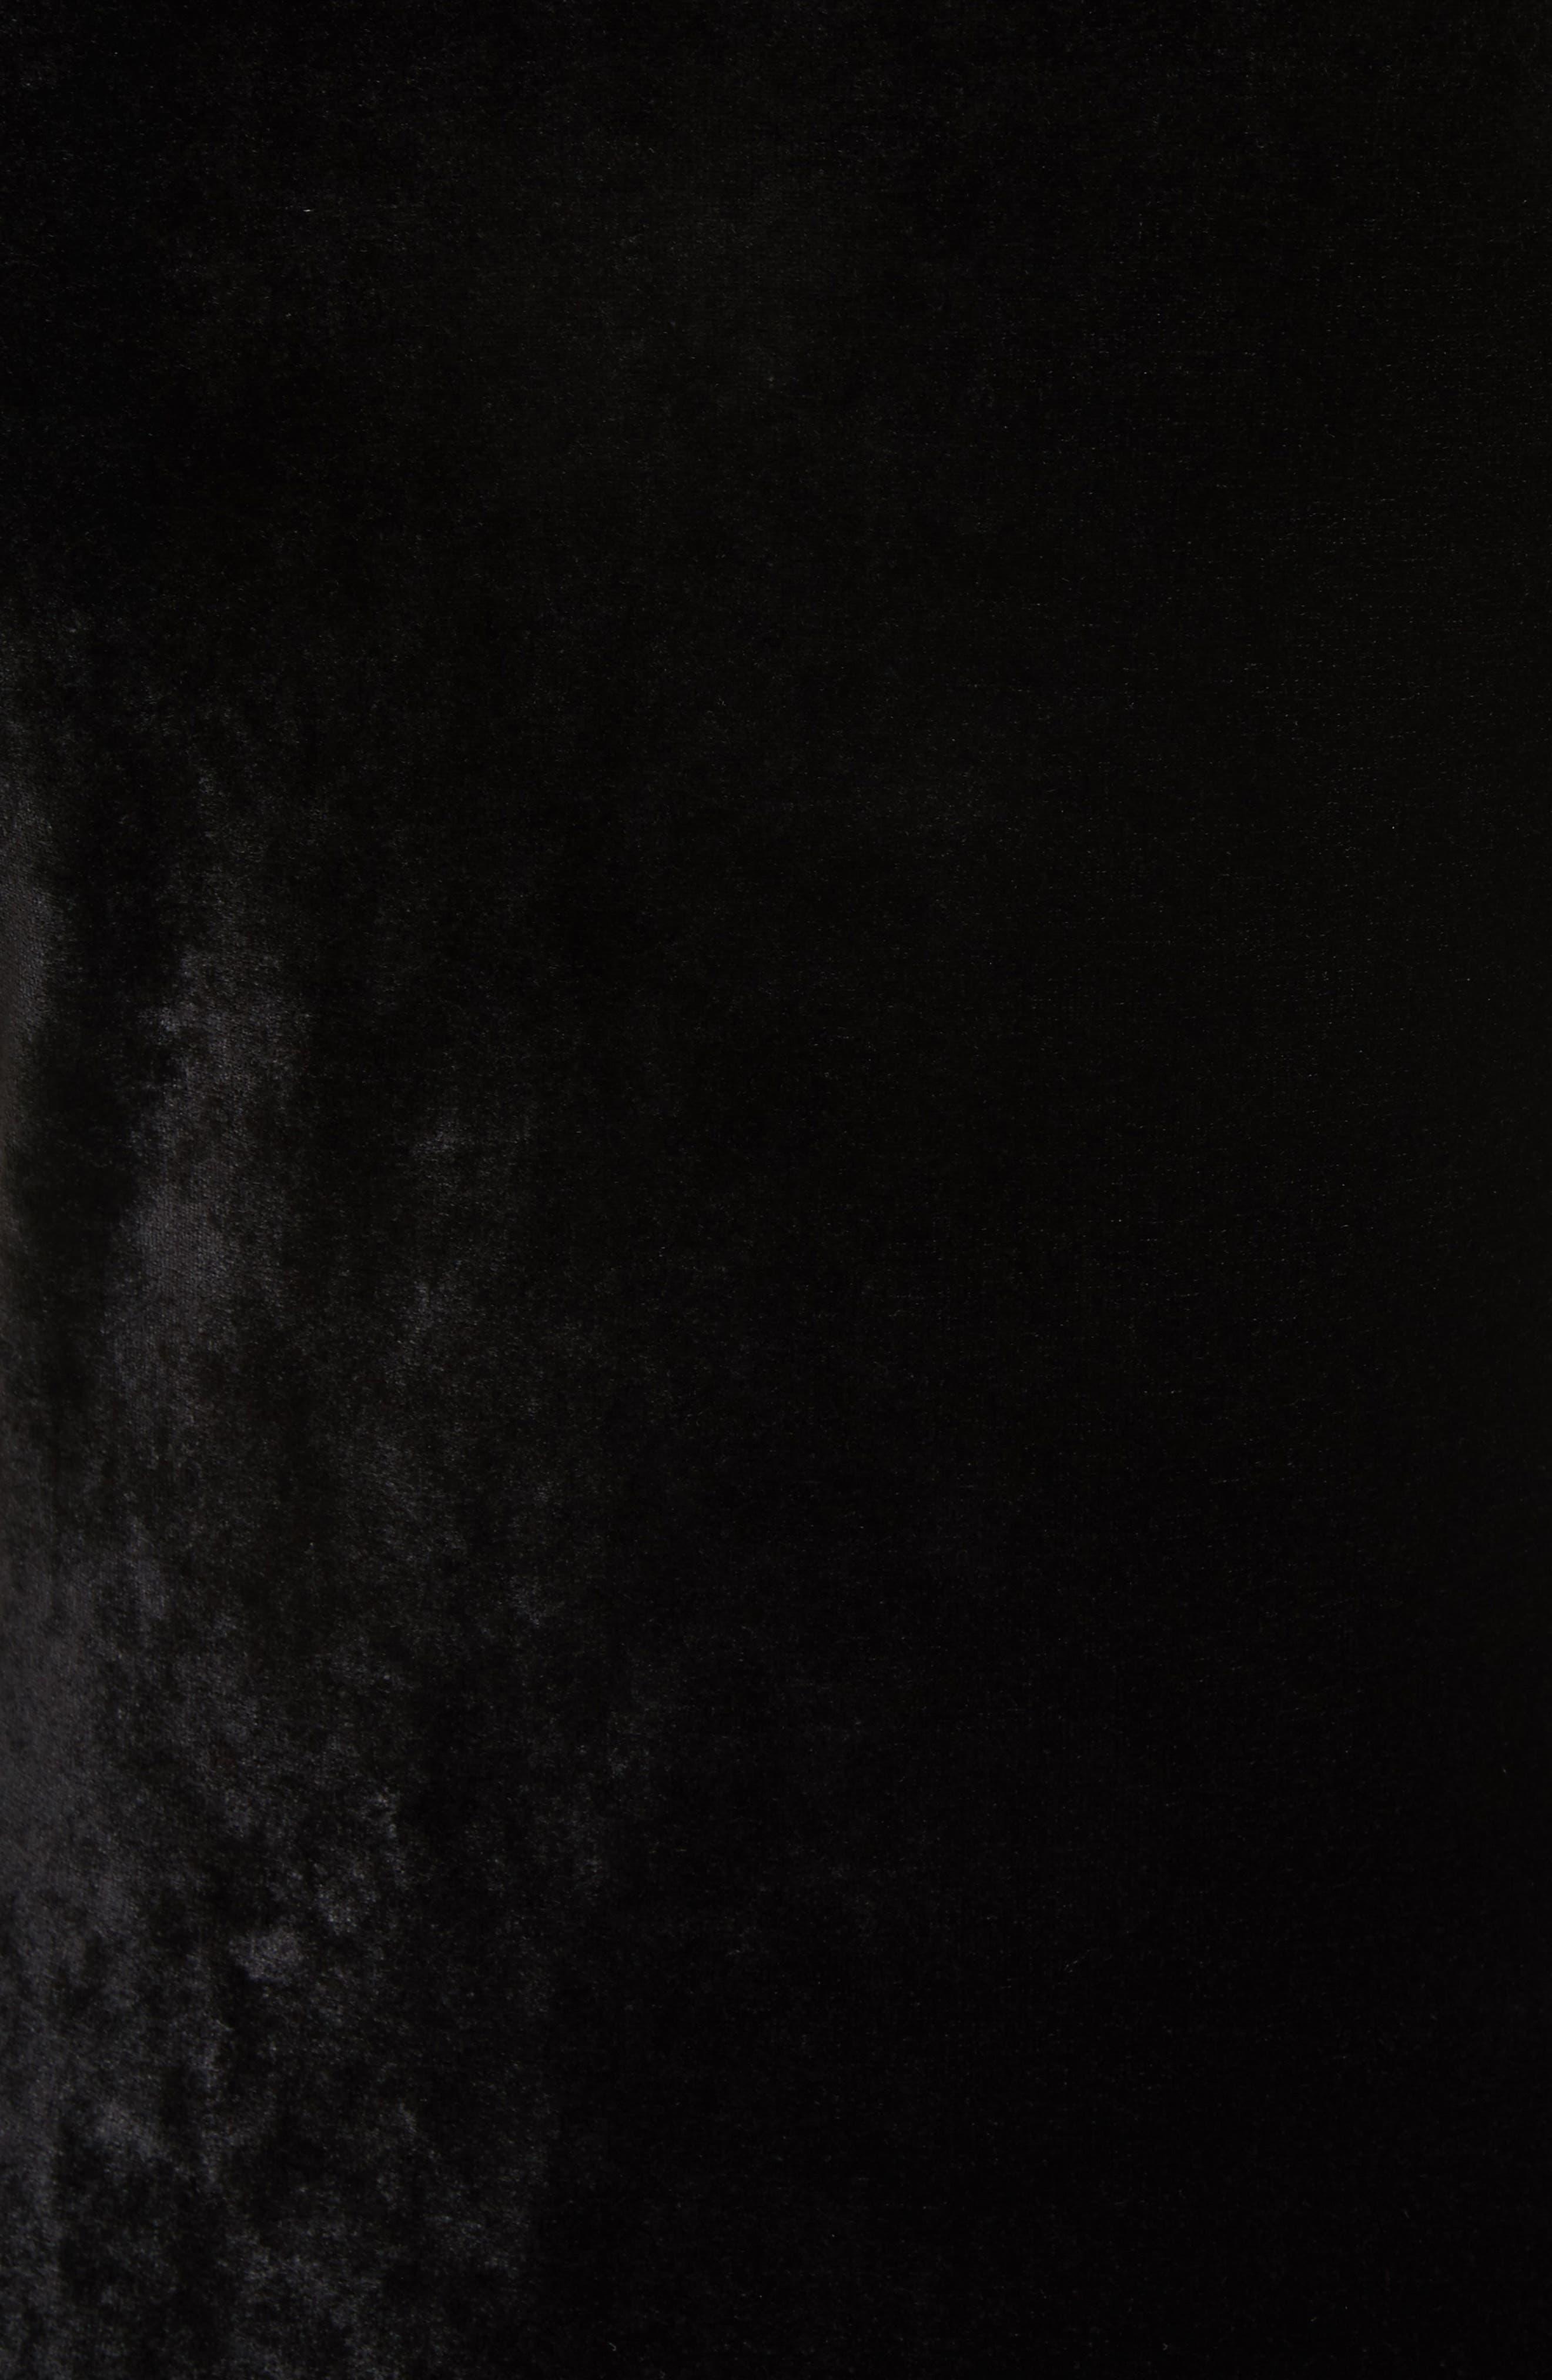 Velvet Turtleneck Top,                             Alternate thumbnail 5, color,                             001